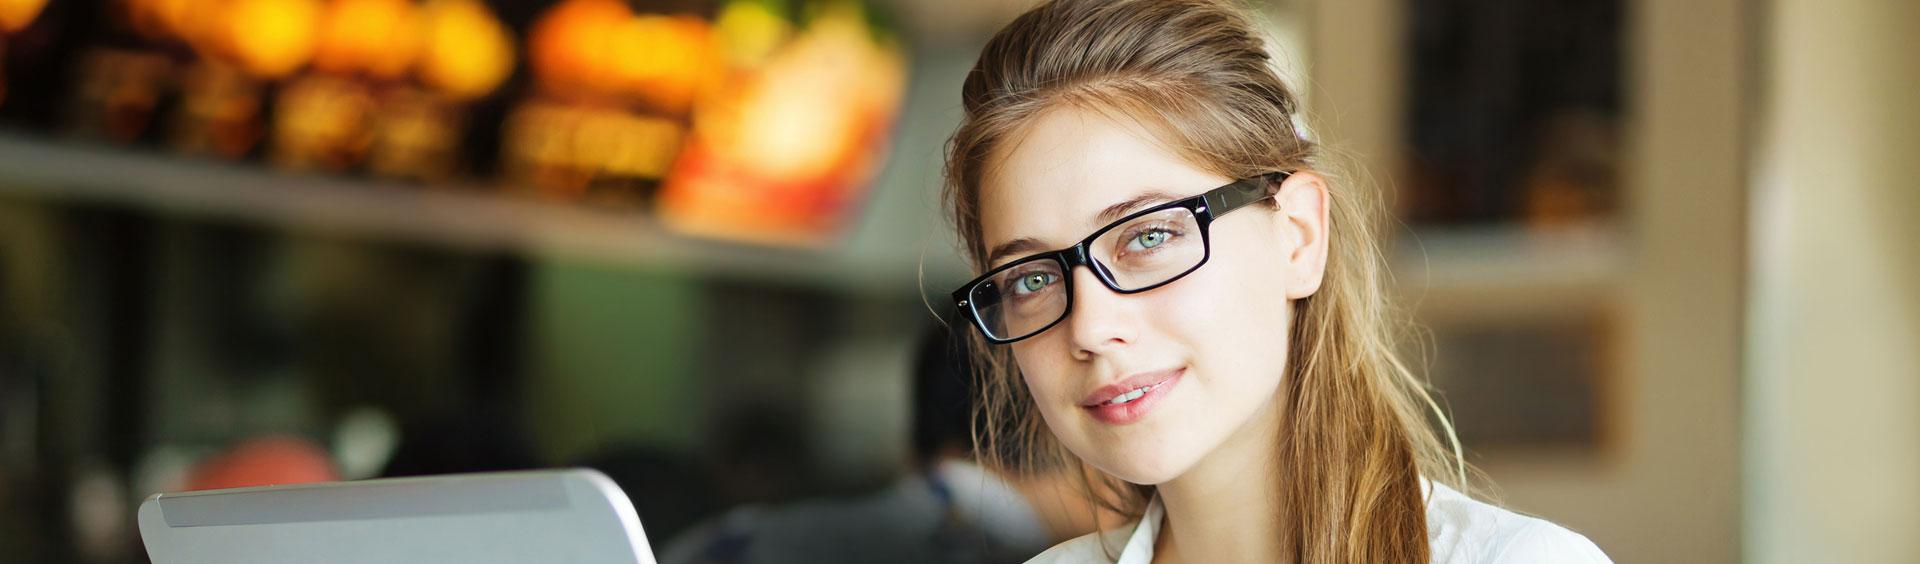 Jeune fille portant des lunettes derrière son ordinateur